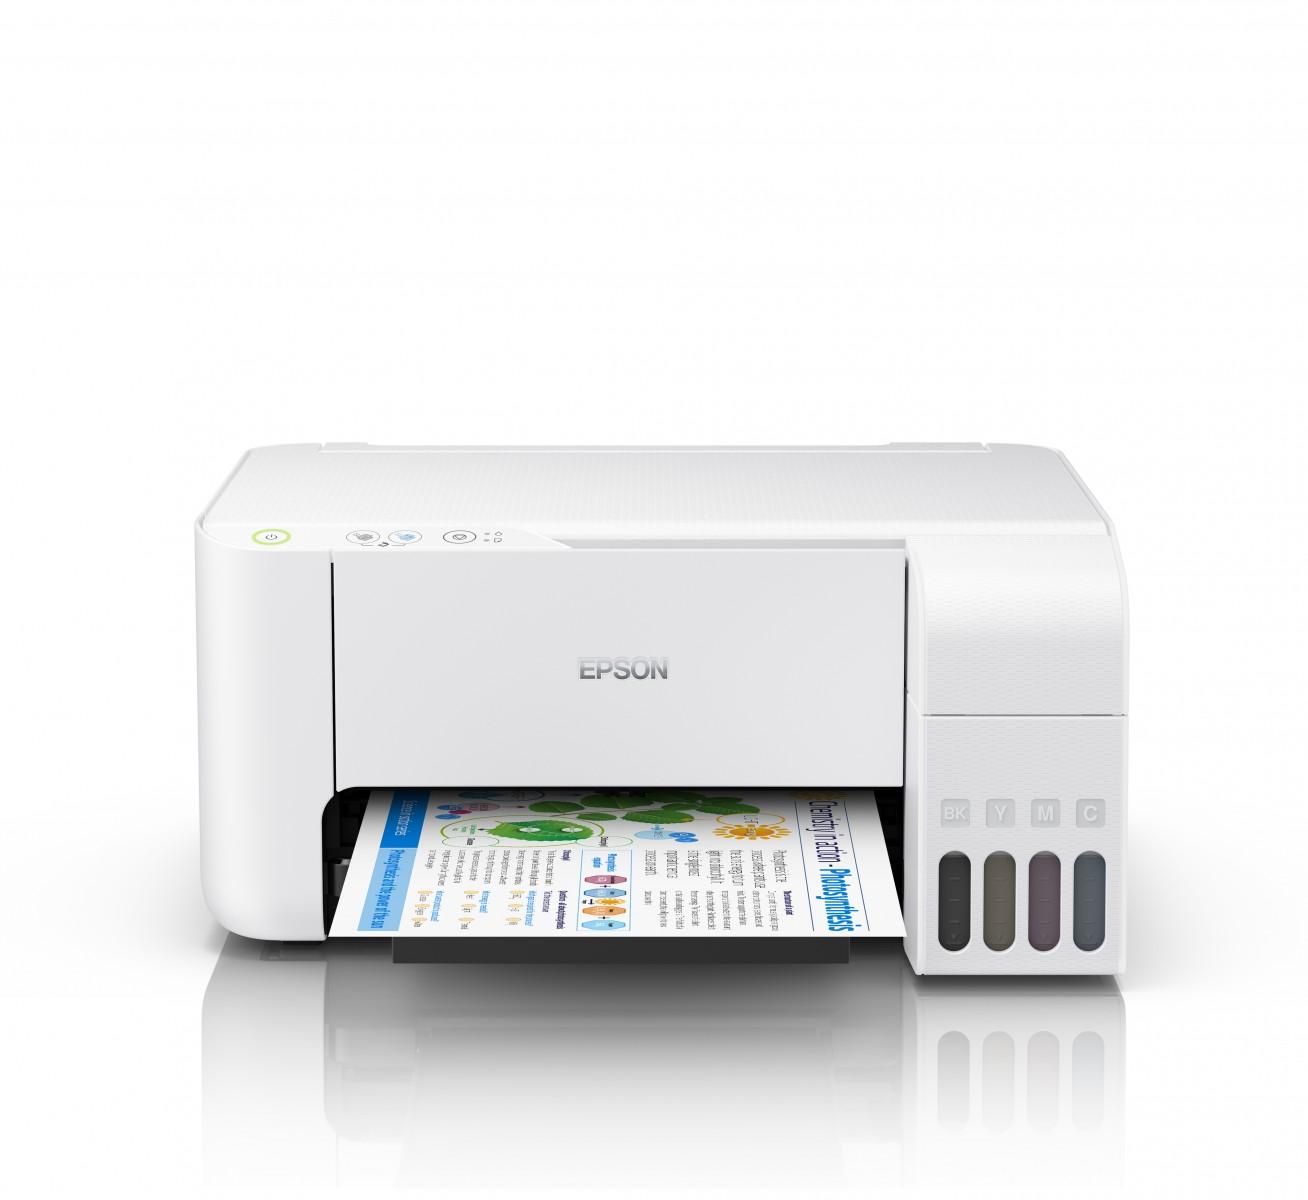 Mohou tiskárny připojit k notebookům